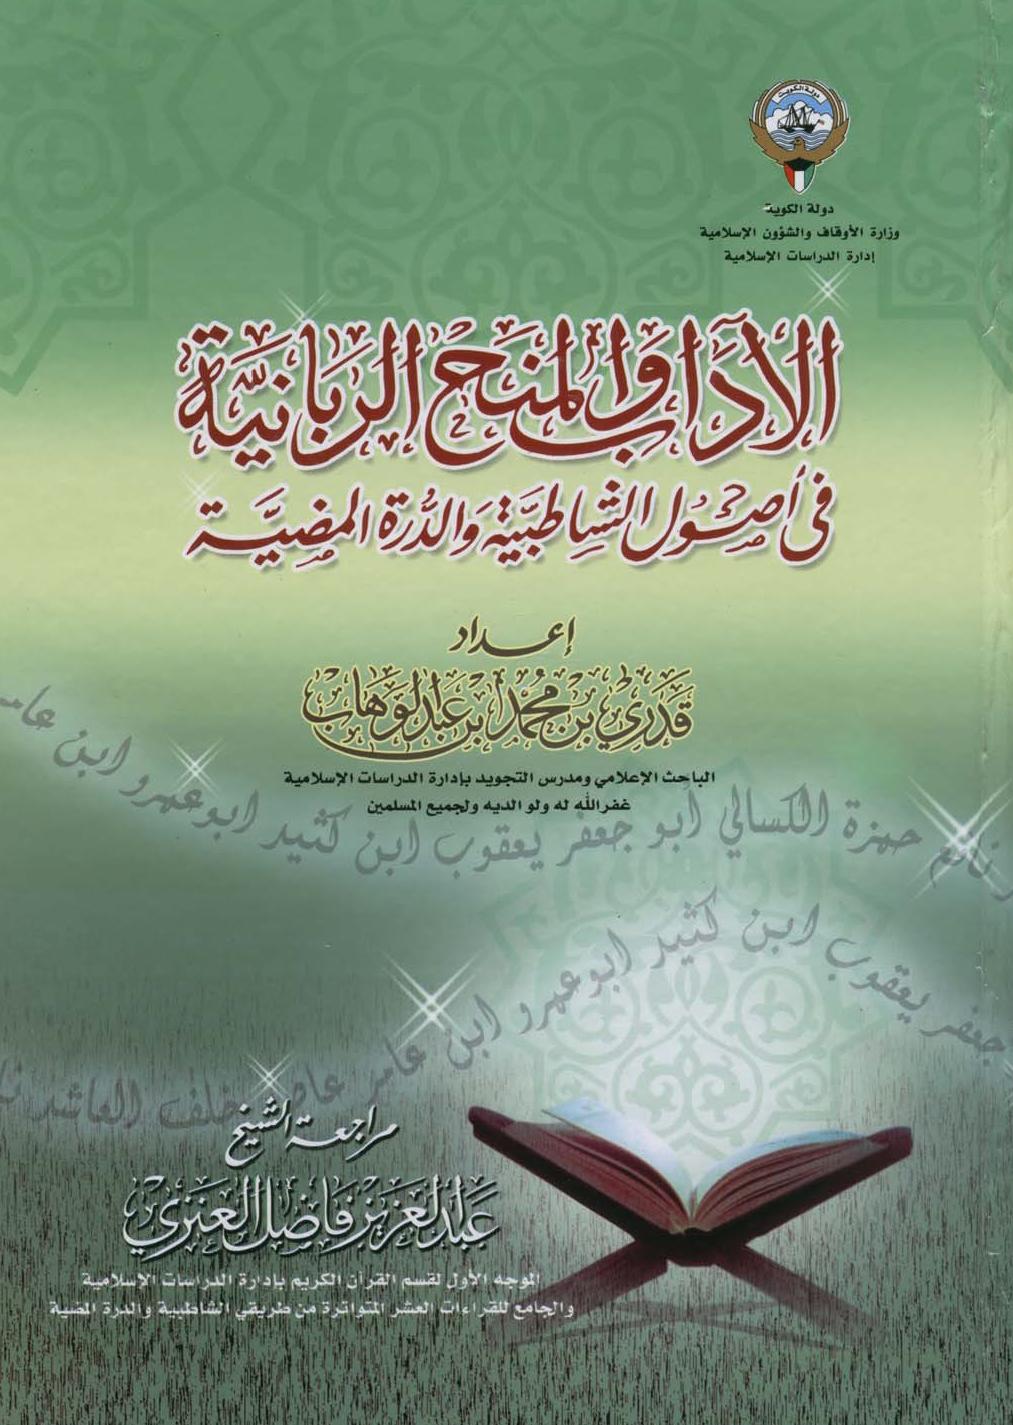 تحميل كتاب الآداب والمنح الربانية في أصول الشاطبية والدرة المُضية لـِ: الشيخ قدري بن محمد بن عبد الوهاب